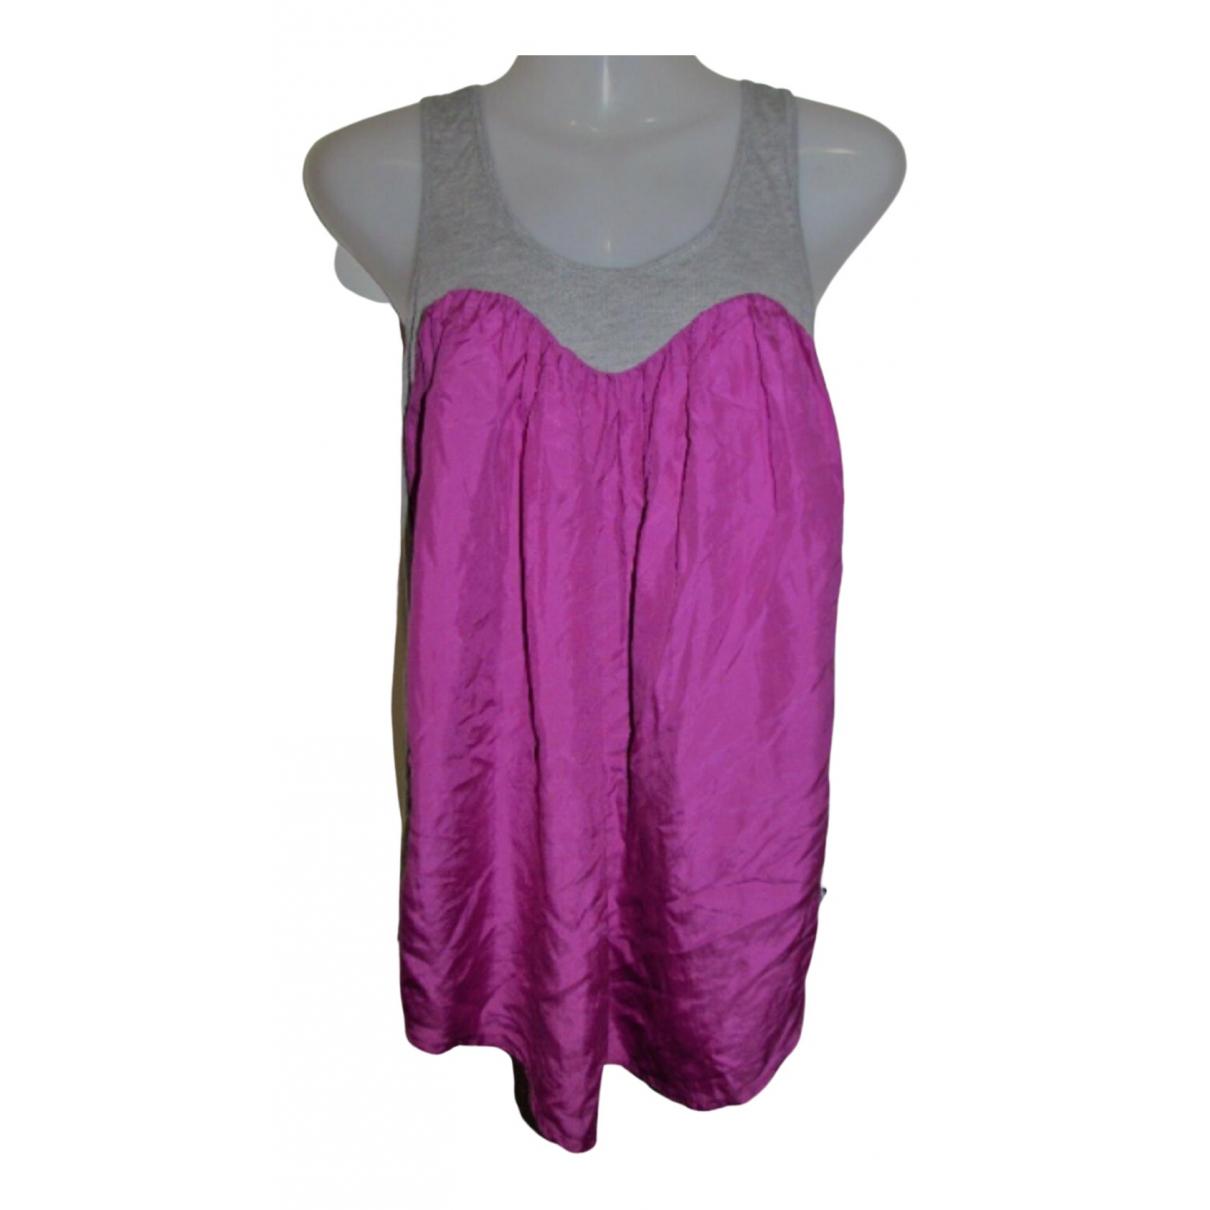 Zimmermann - Top   pour femme en soie - rose